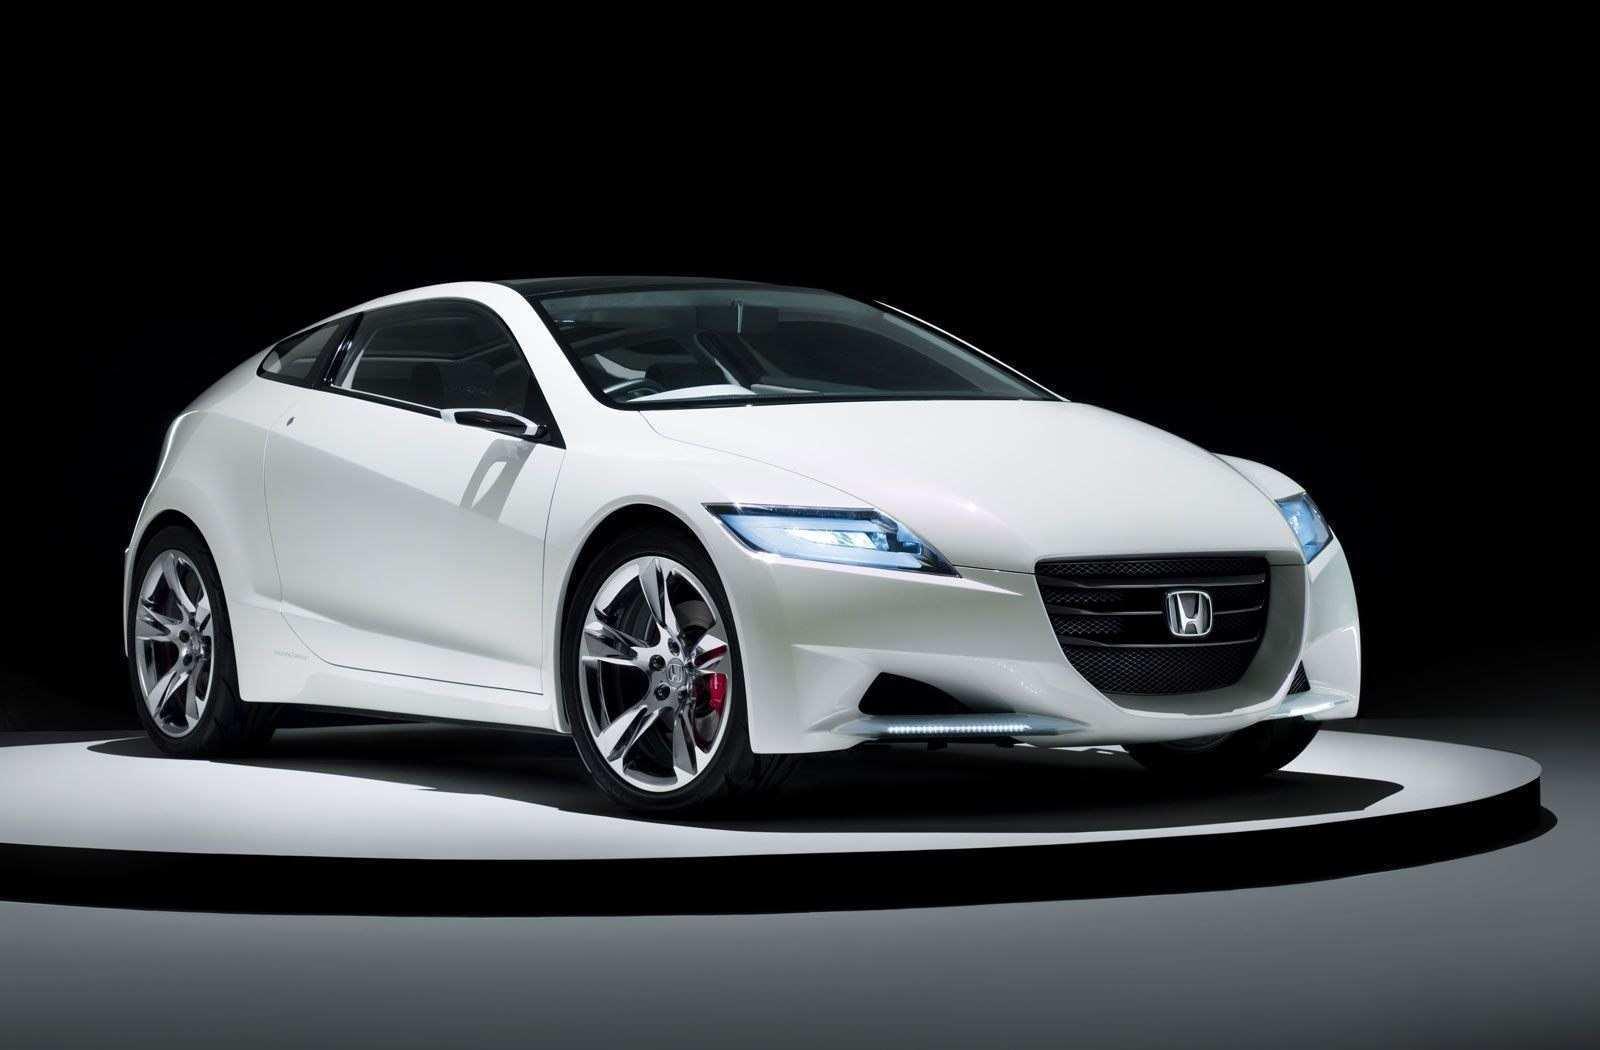 57 All New 2020 Honda Cr Z Price for 2020 Honda Cr Z